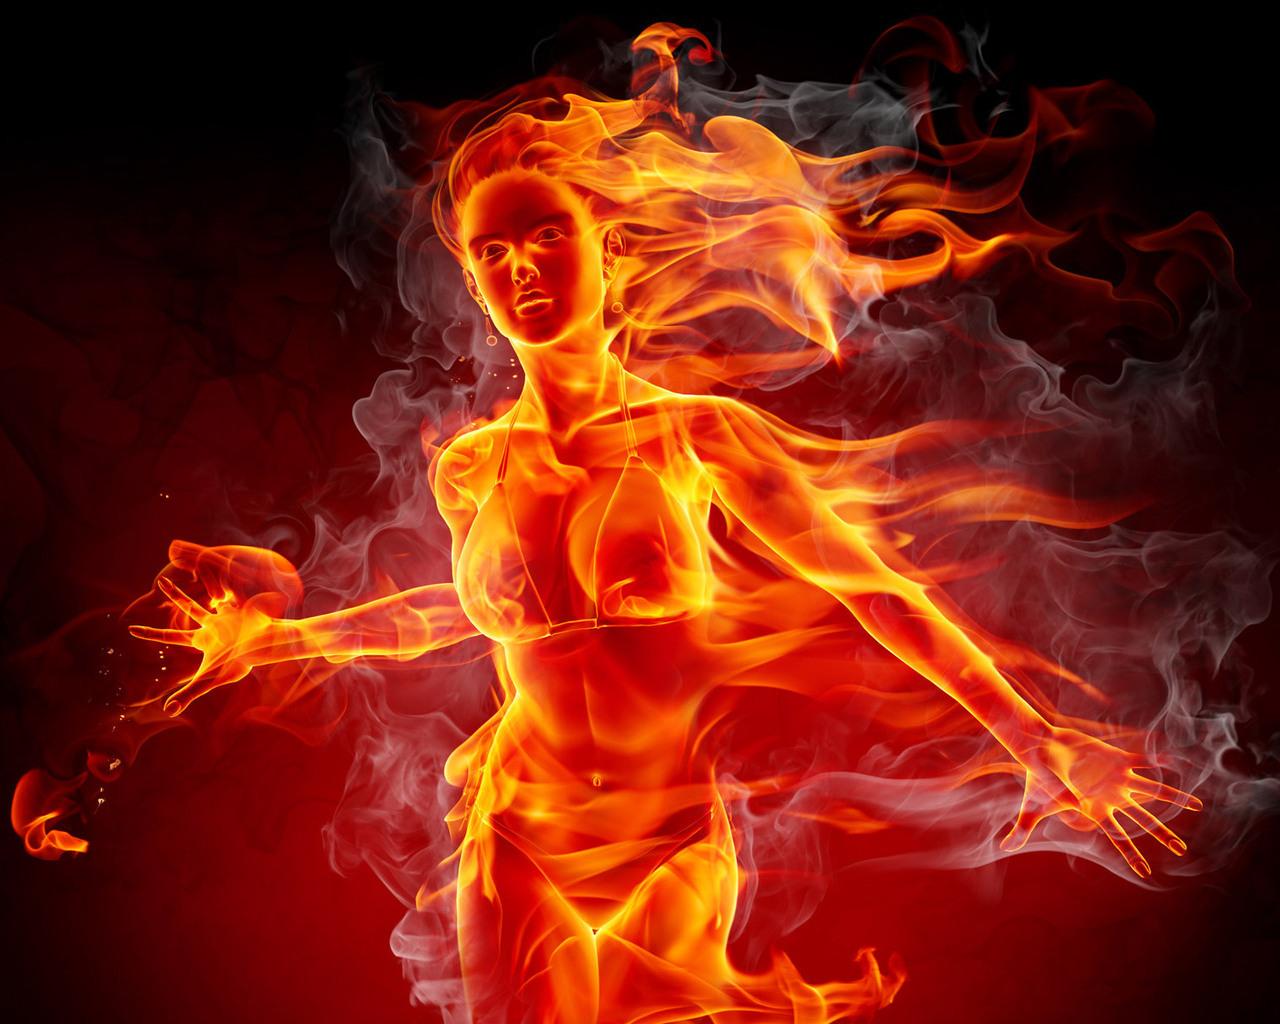 Огненные девушки картинки